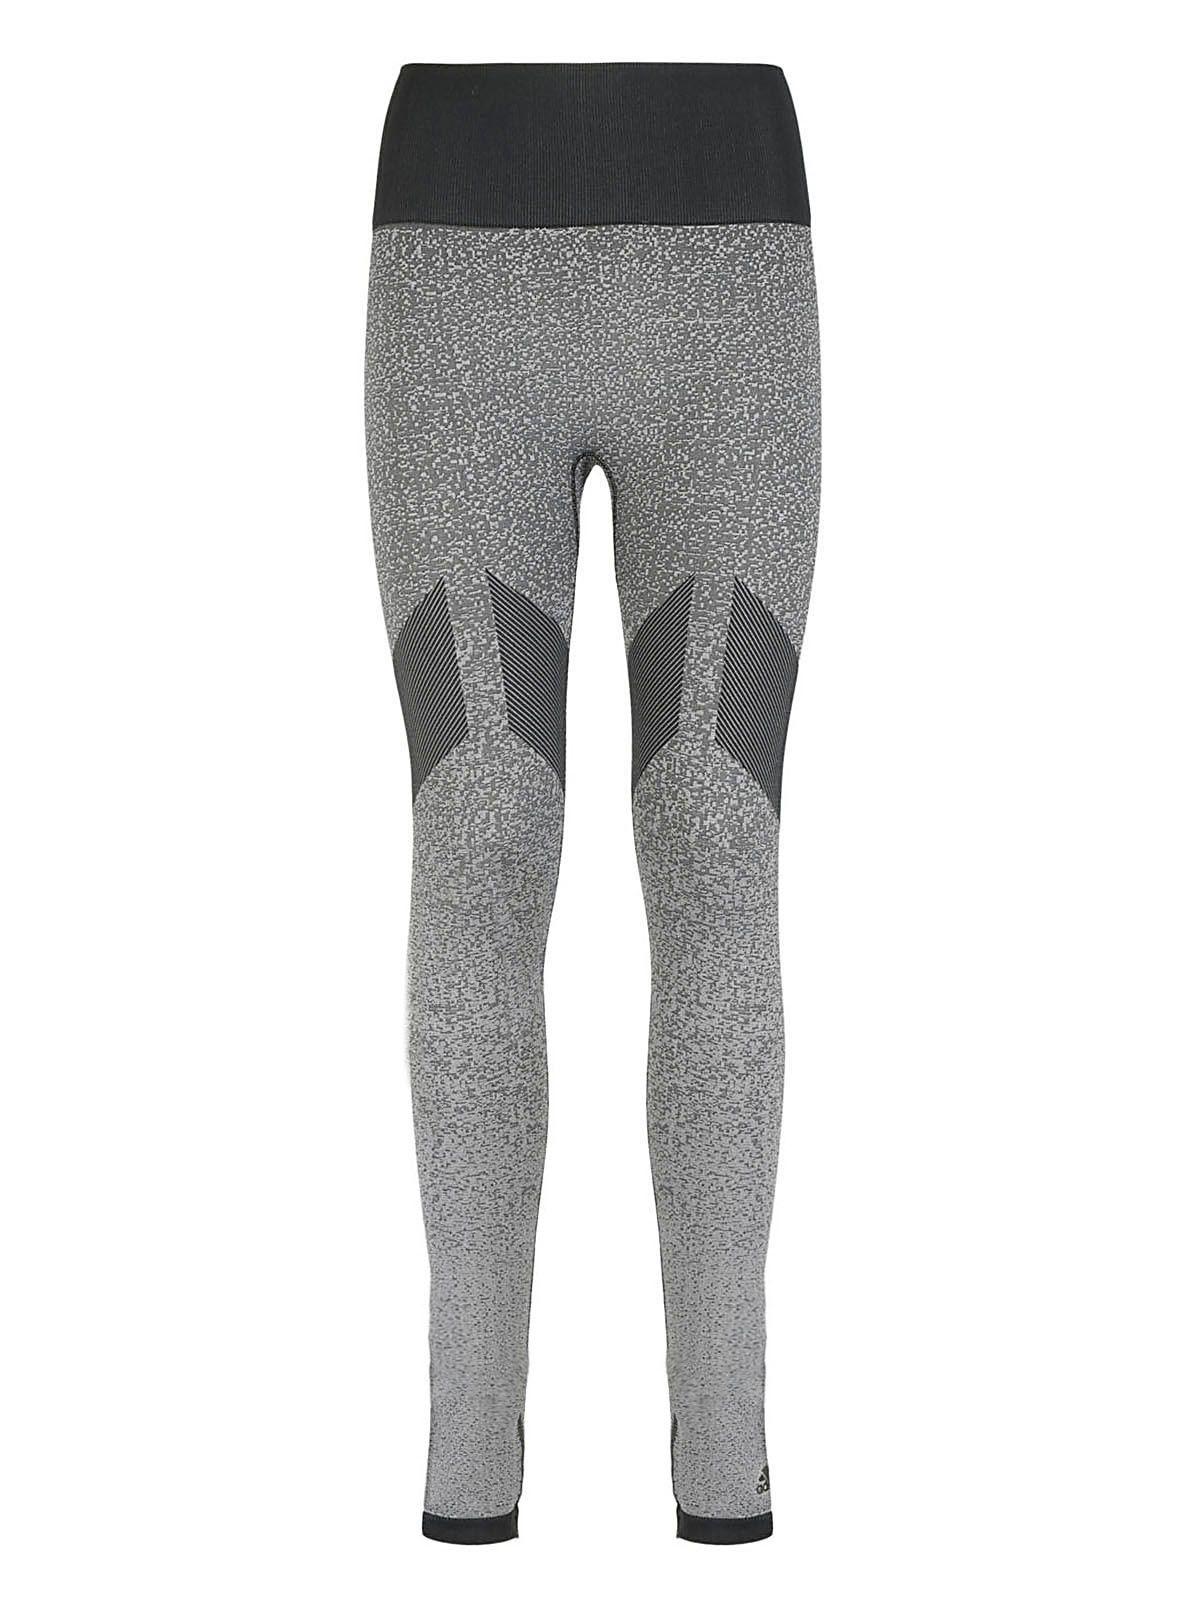 Adidas Originals Seamless Leggings